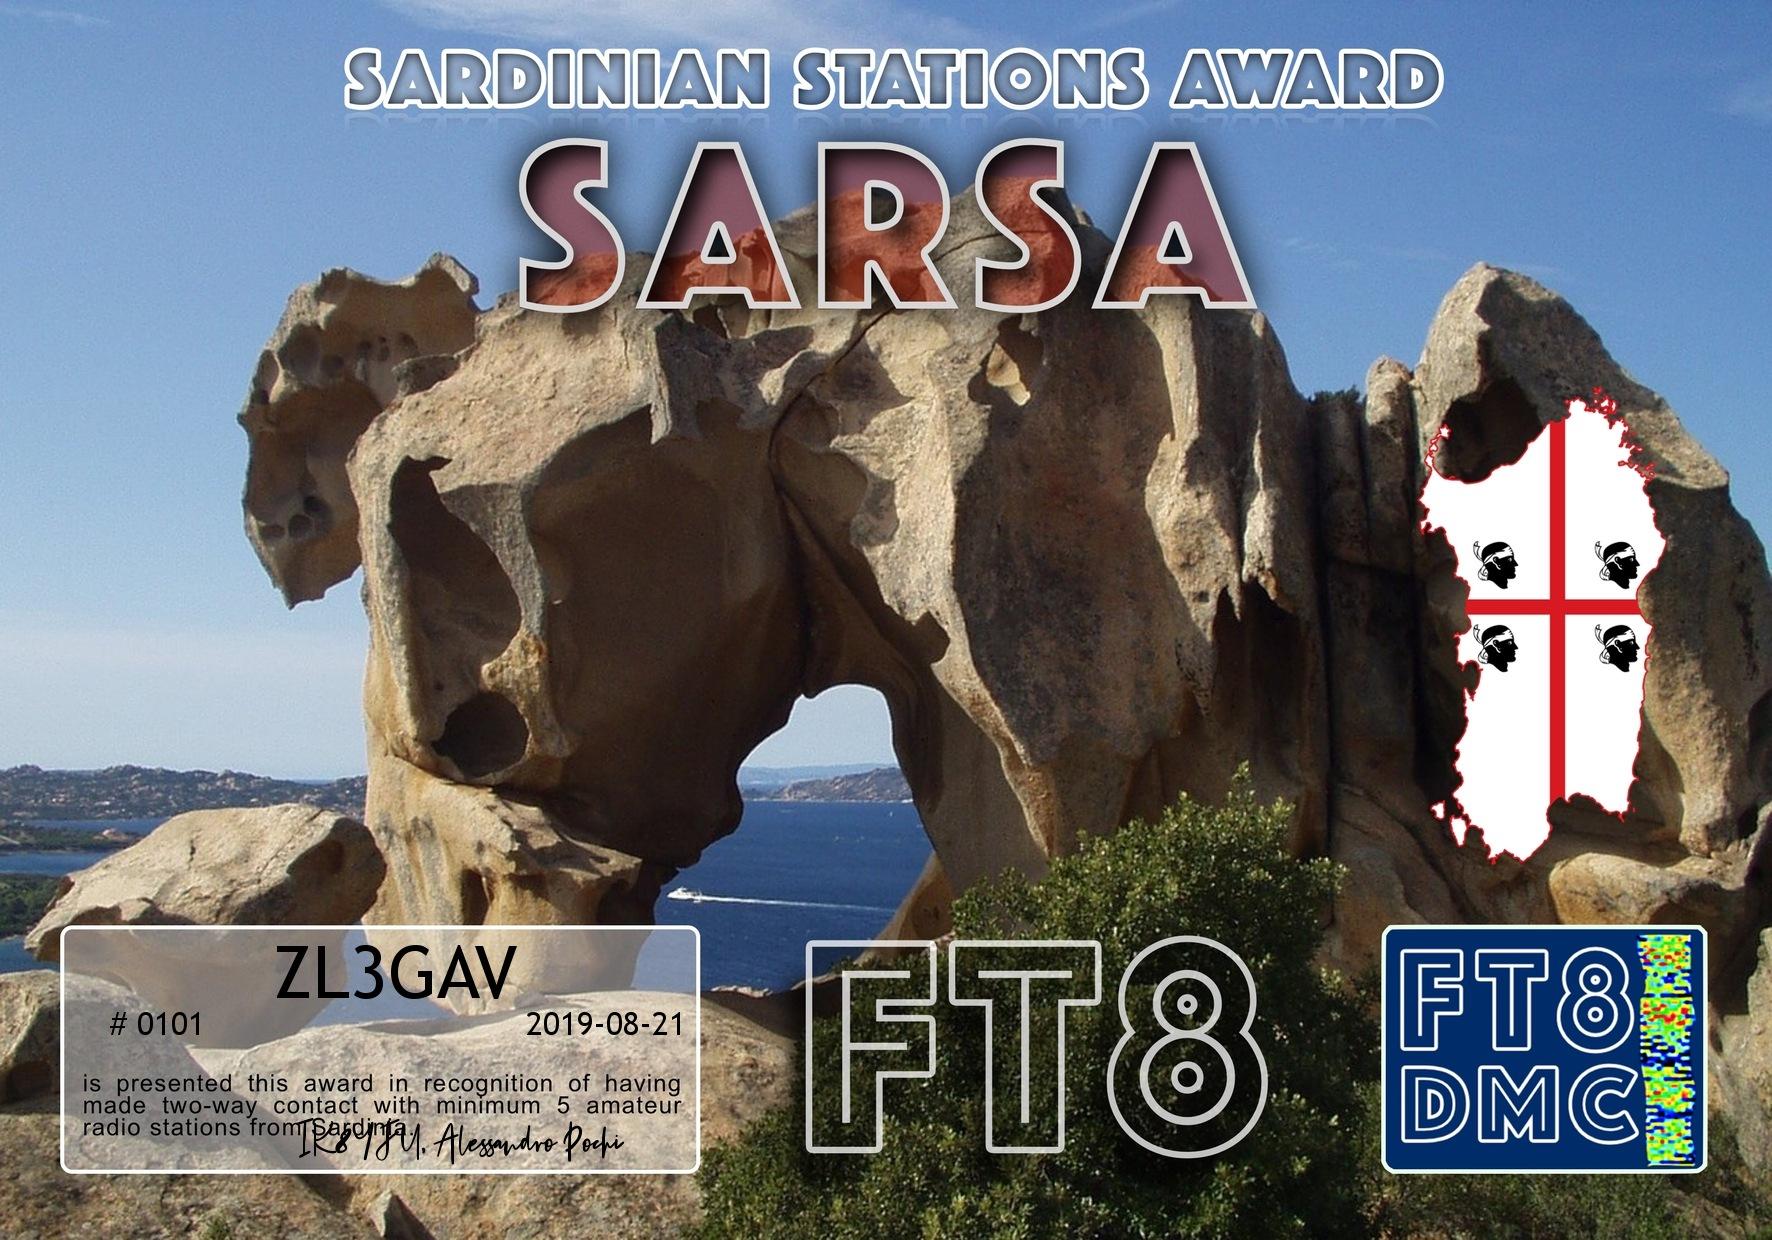 ZL3GAV-SARSA-SARSA.jpg